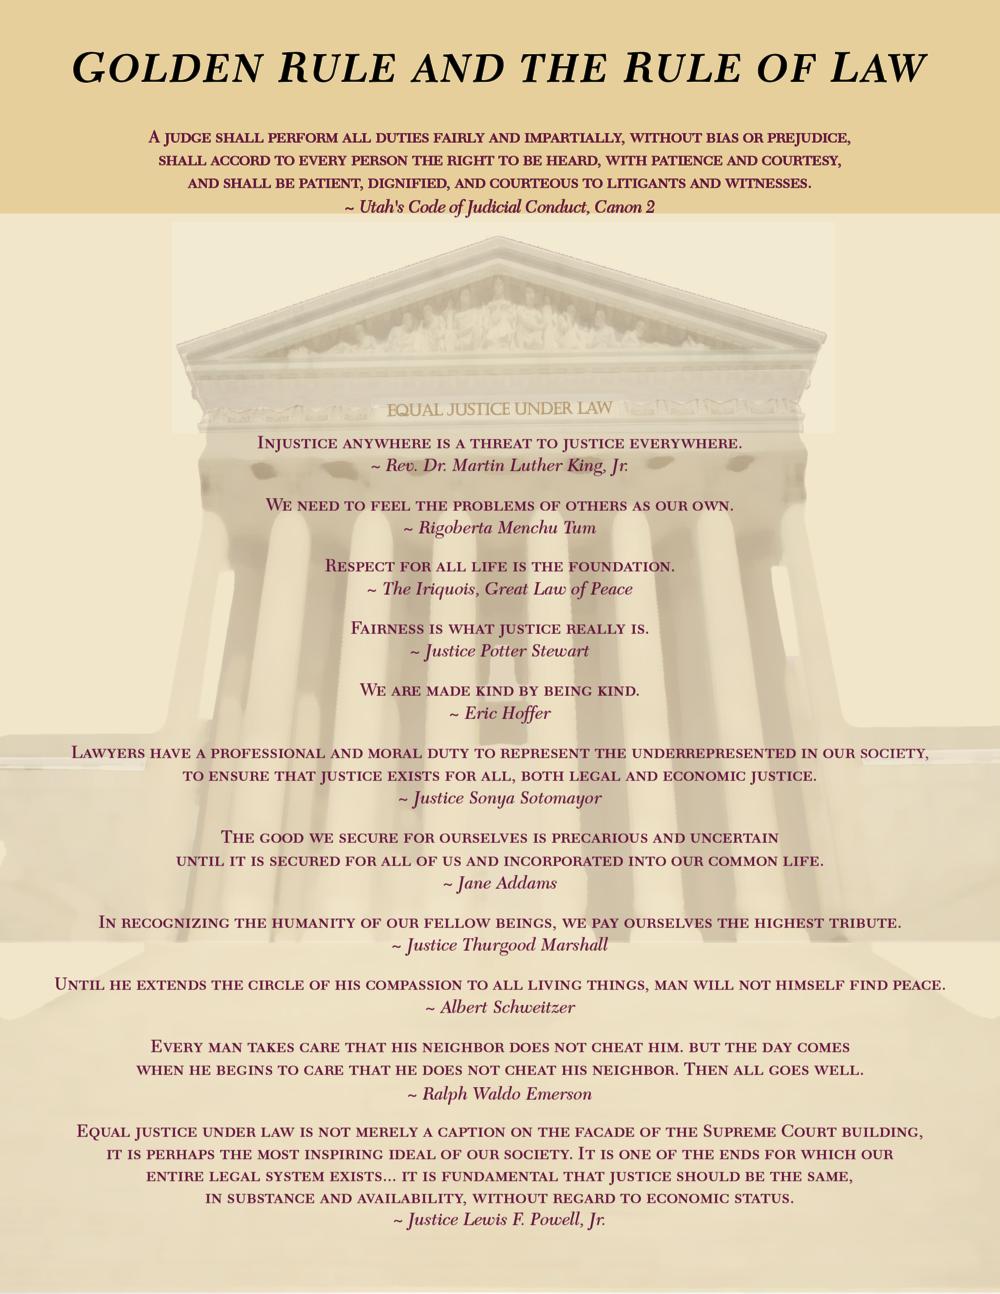 Golden Rule & Rule of Law